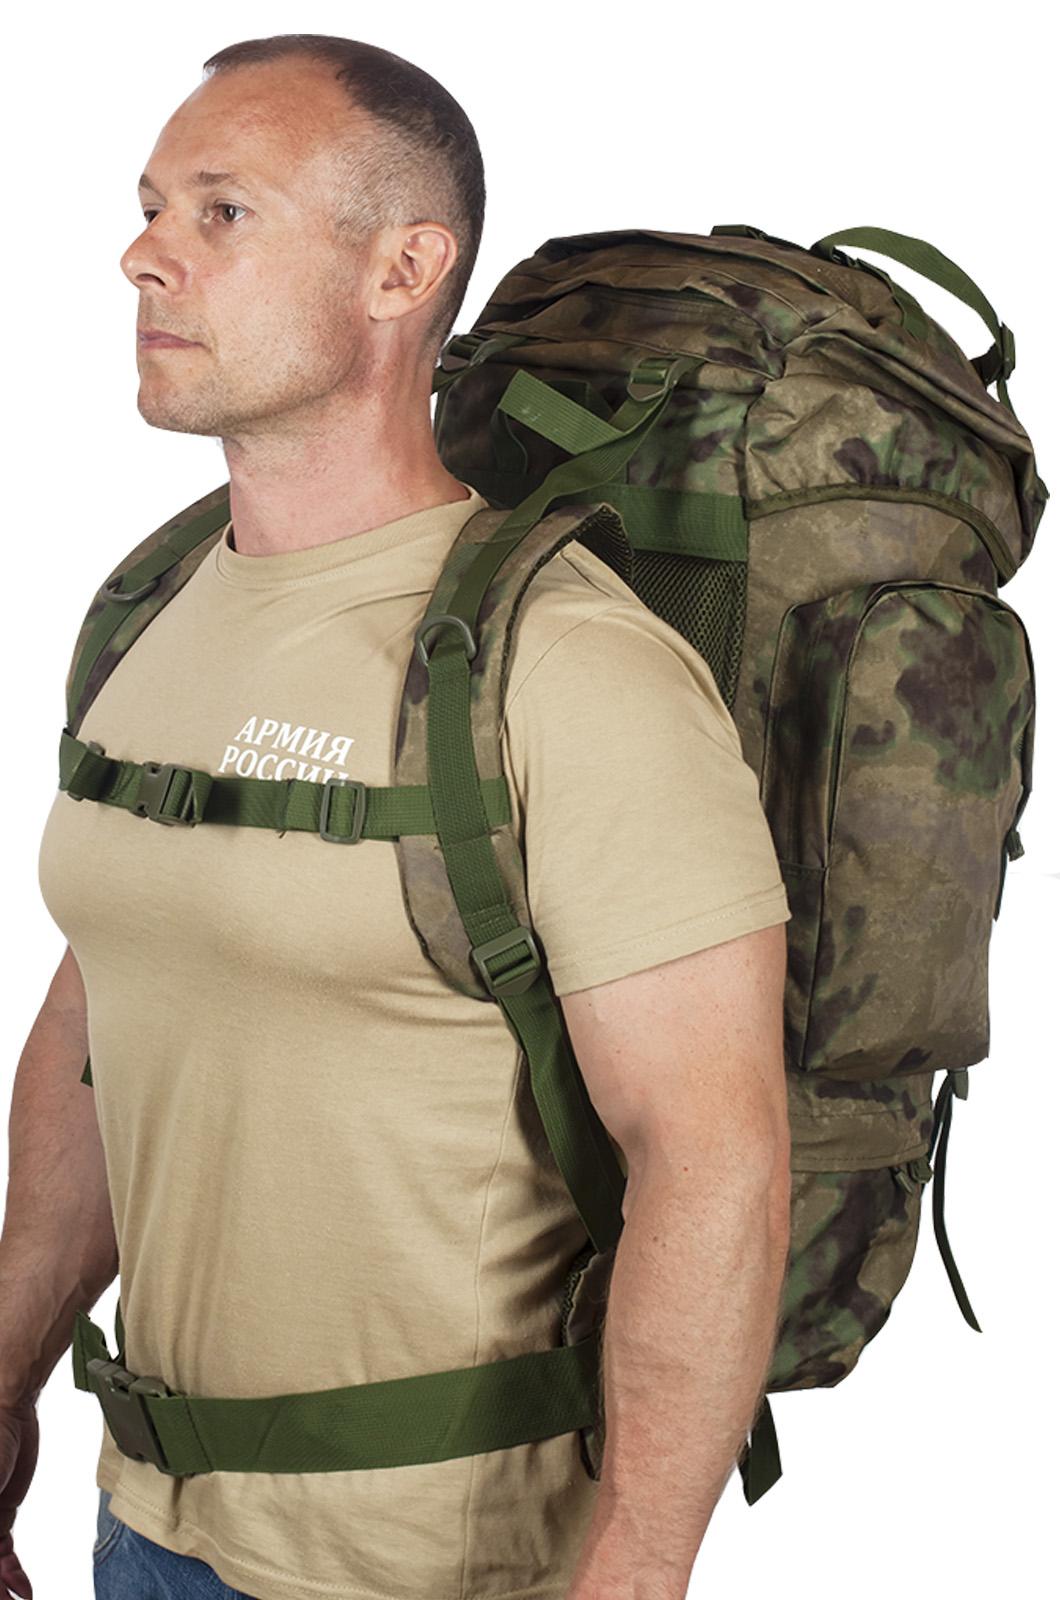 Тактический камуфляжный рюкзак с нашивкой Афган - заказать в подарок